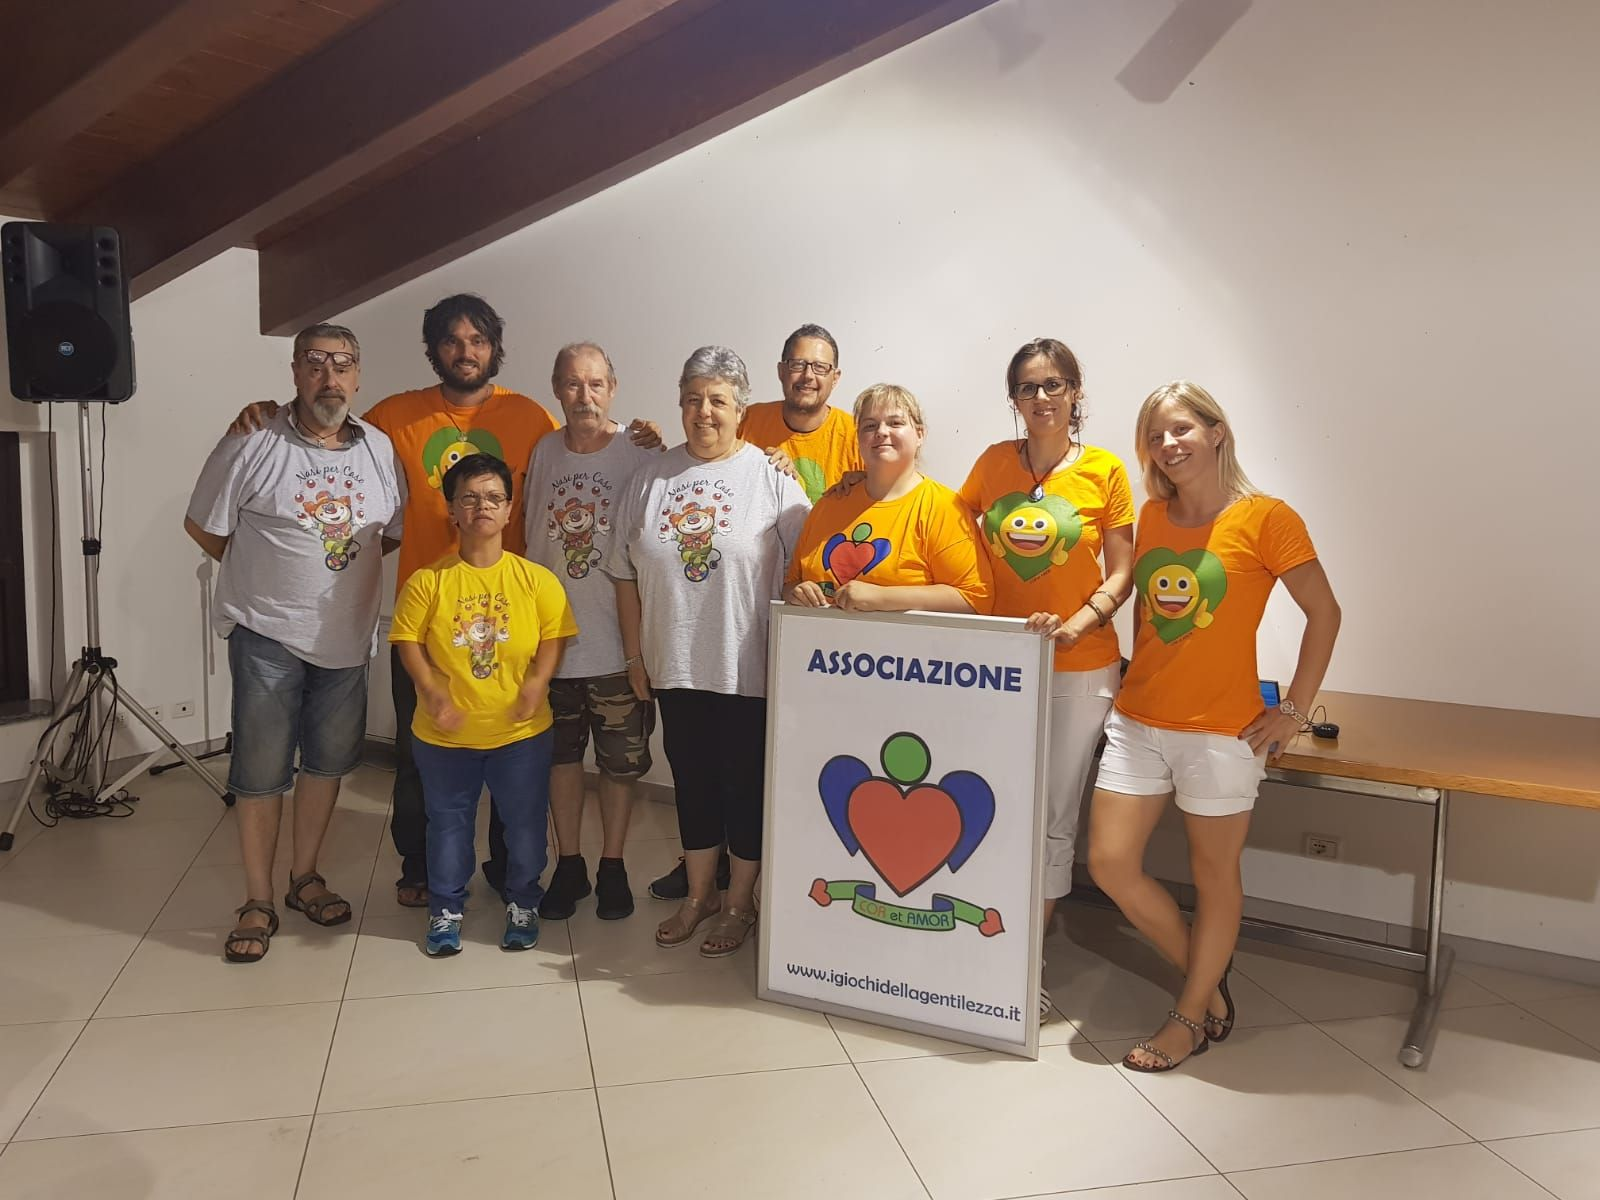 SALERANO - Nuovo direttivo e trasformazione dell'associazione Cor et Amor